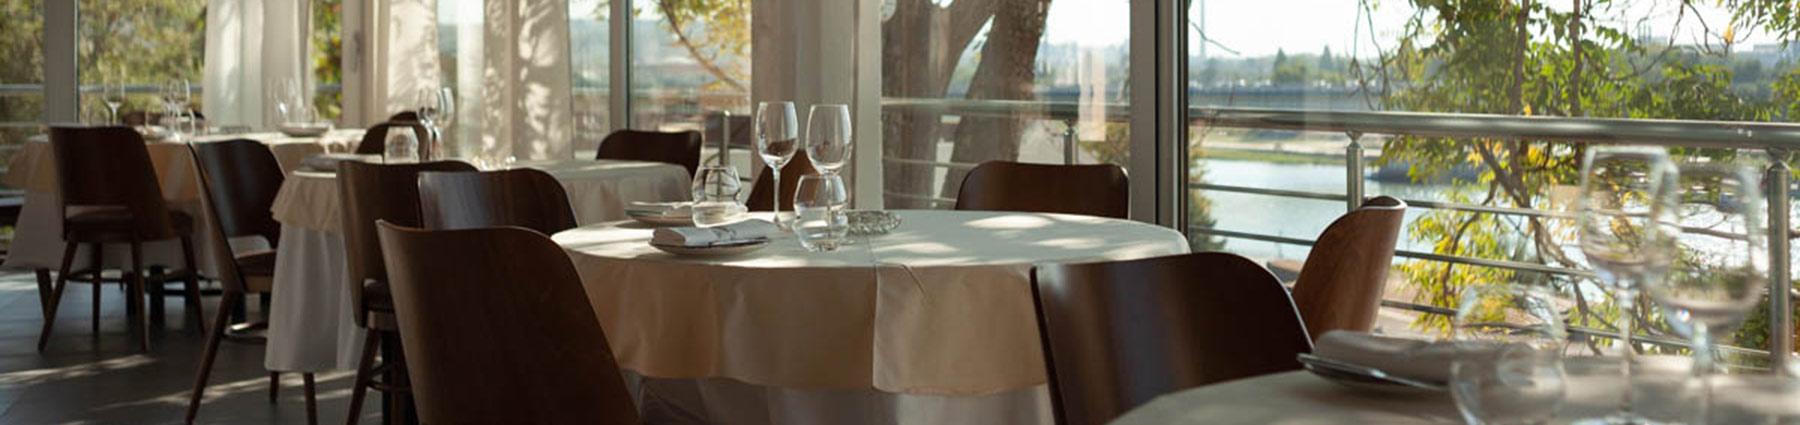 Restaurant LANGOUSTE